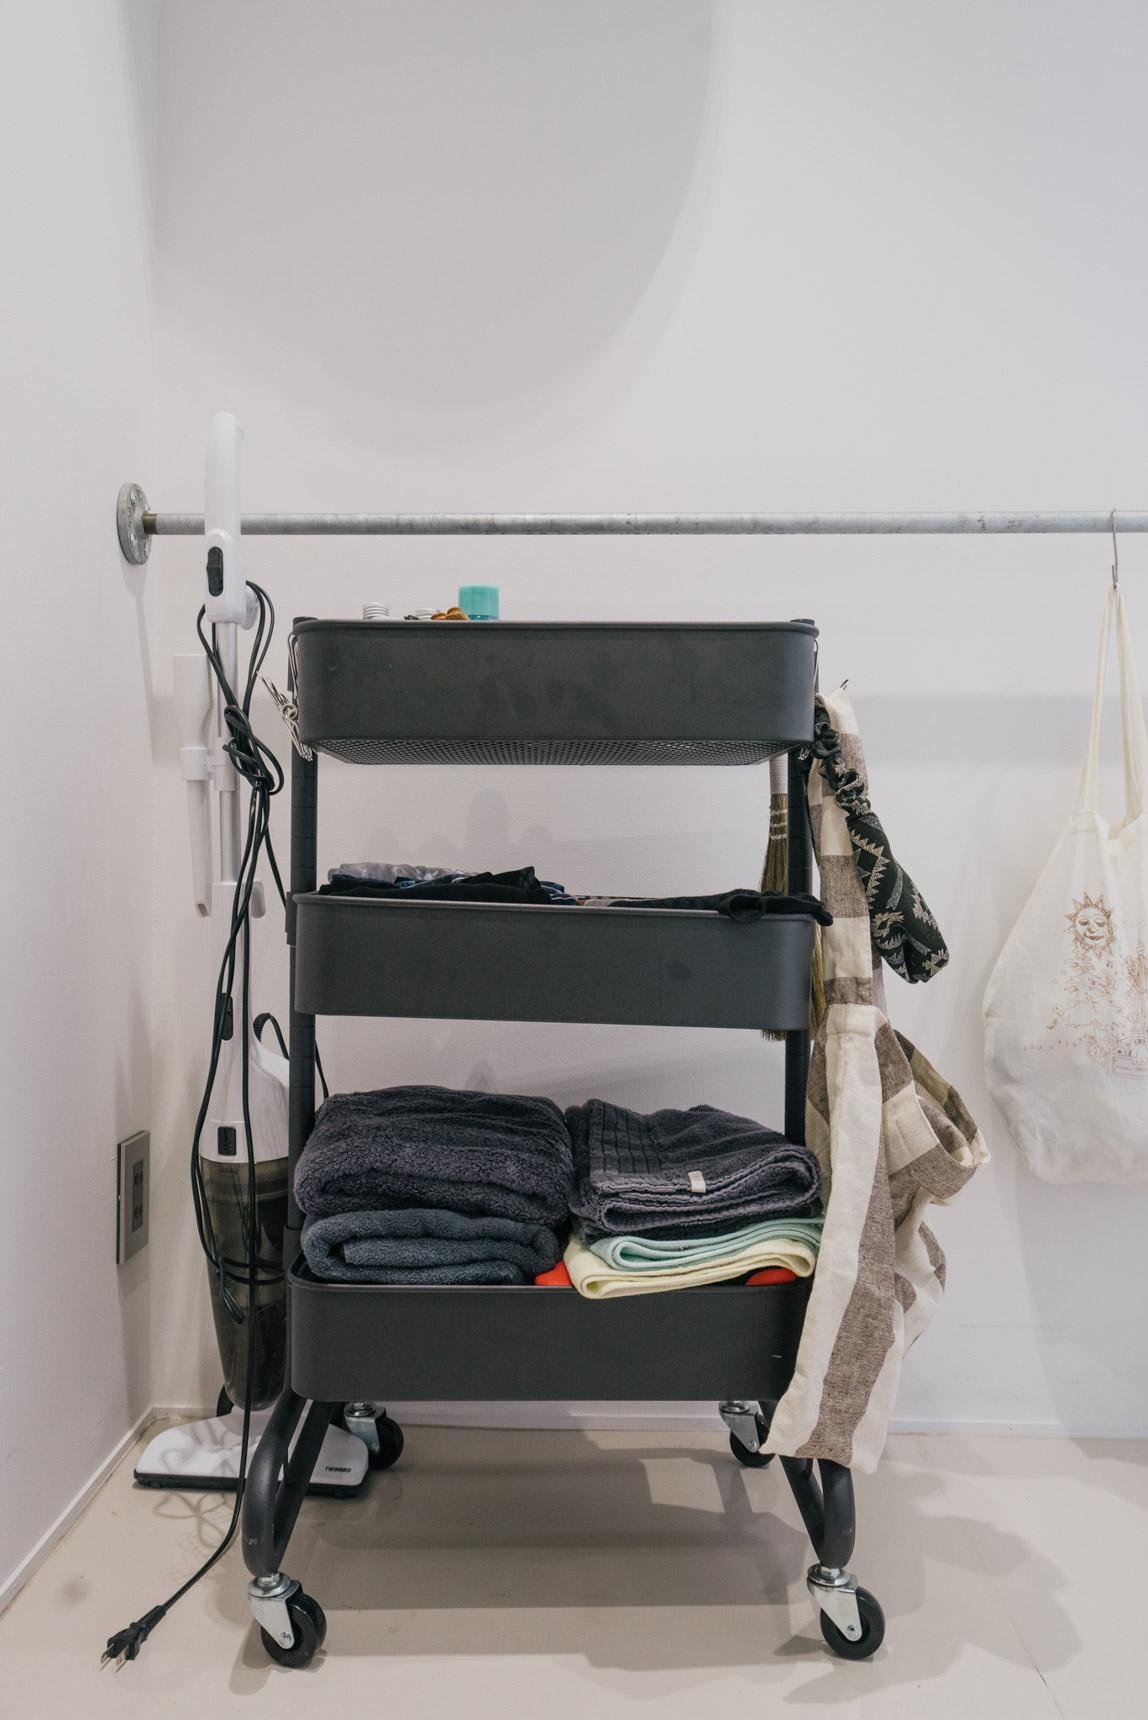 キャスター付きワゴンは、洗面スペースで大活躍。